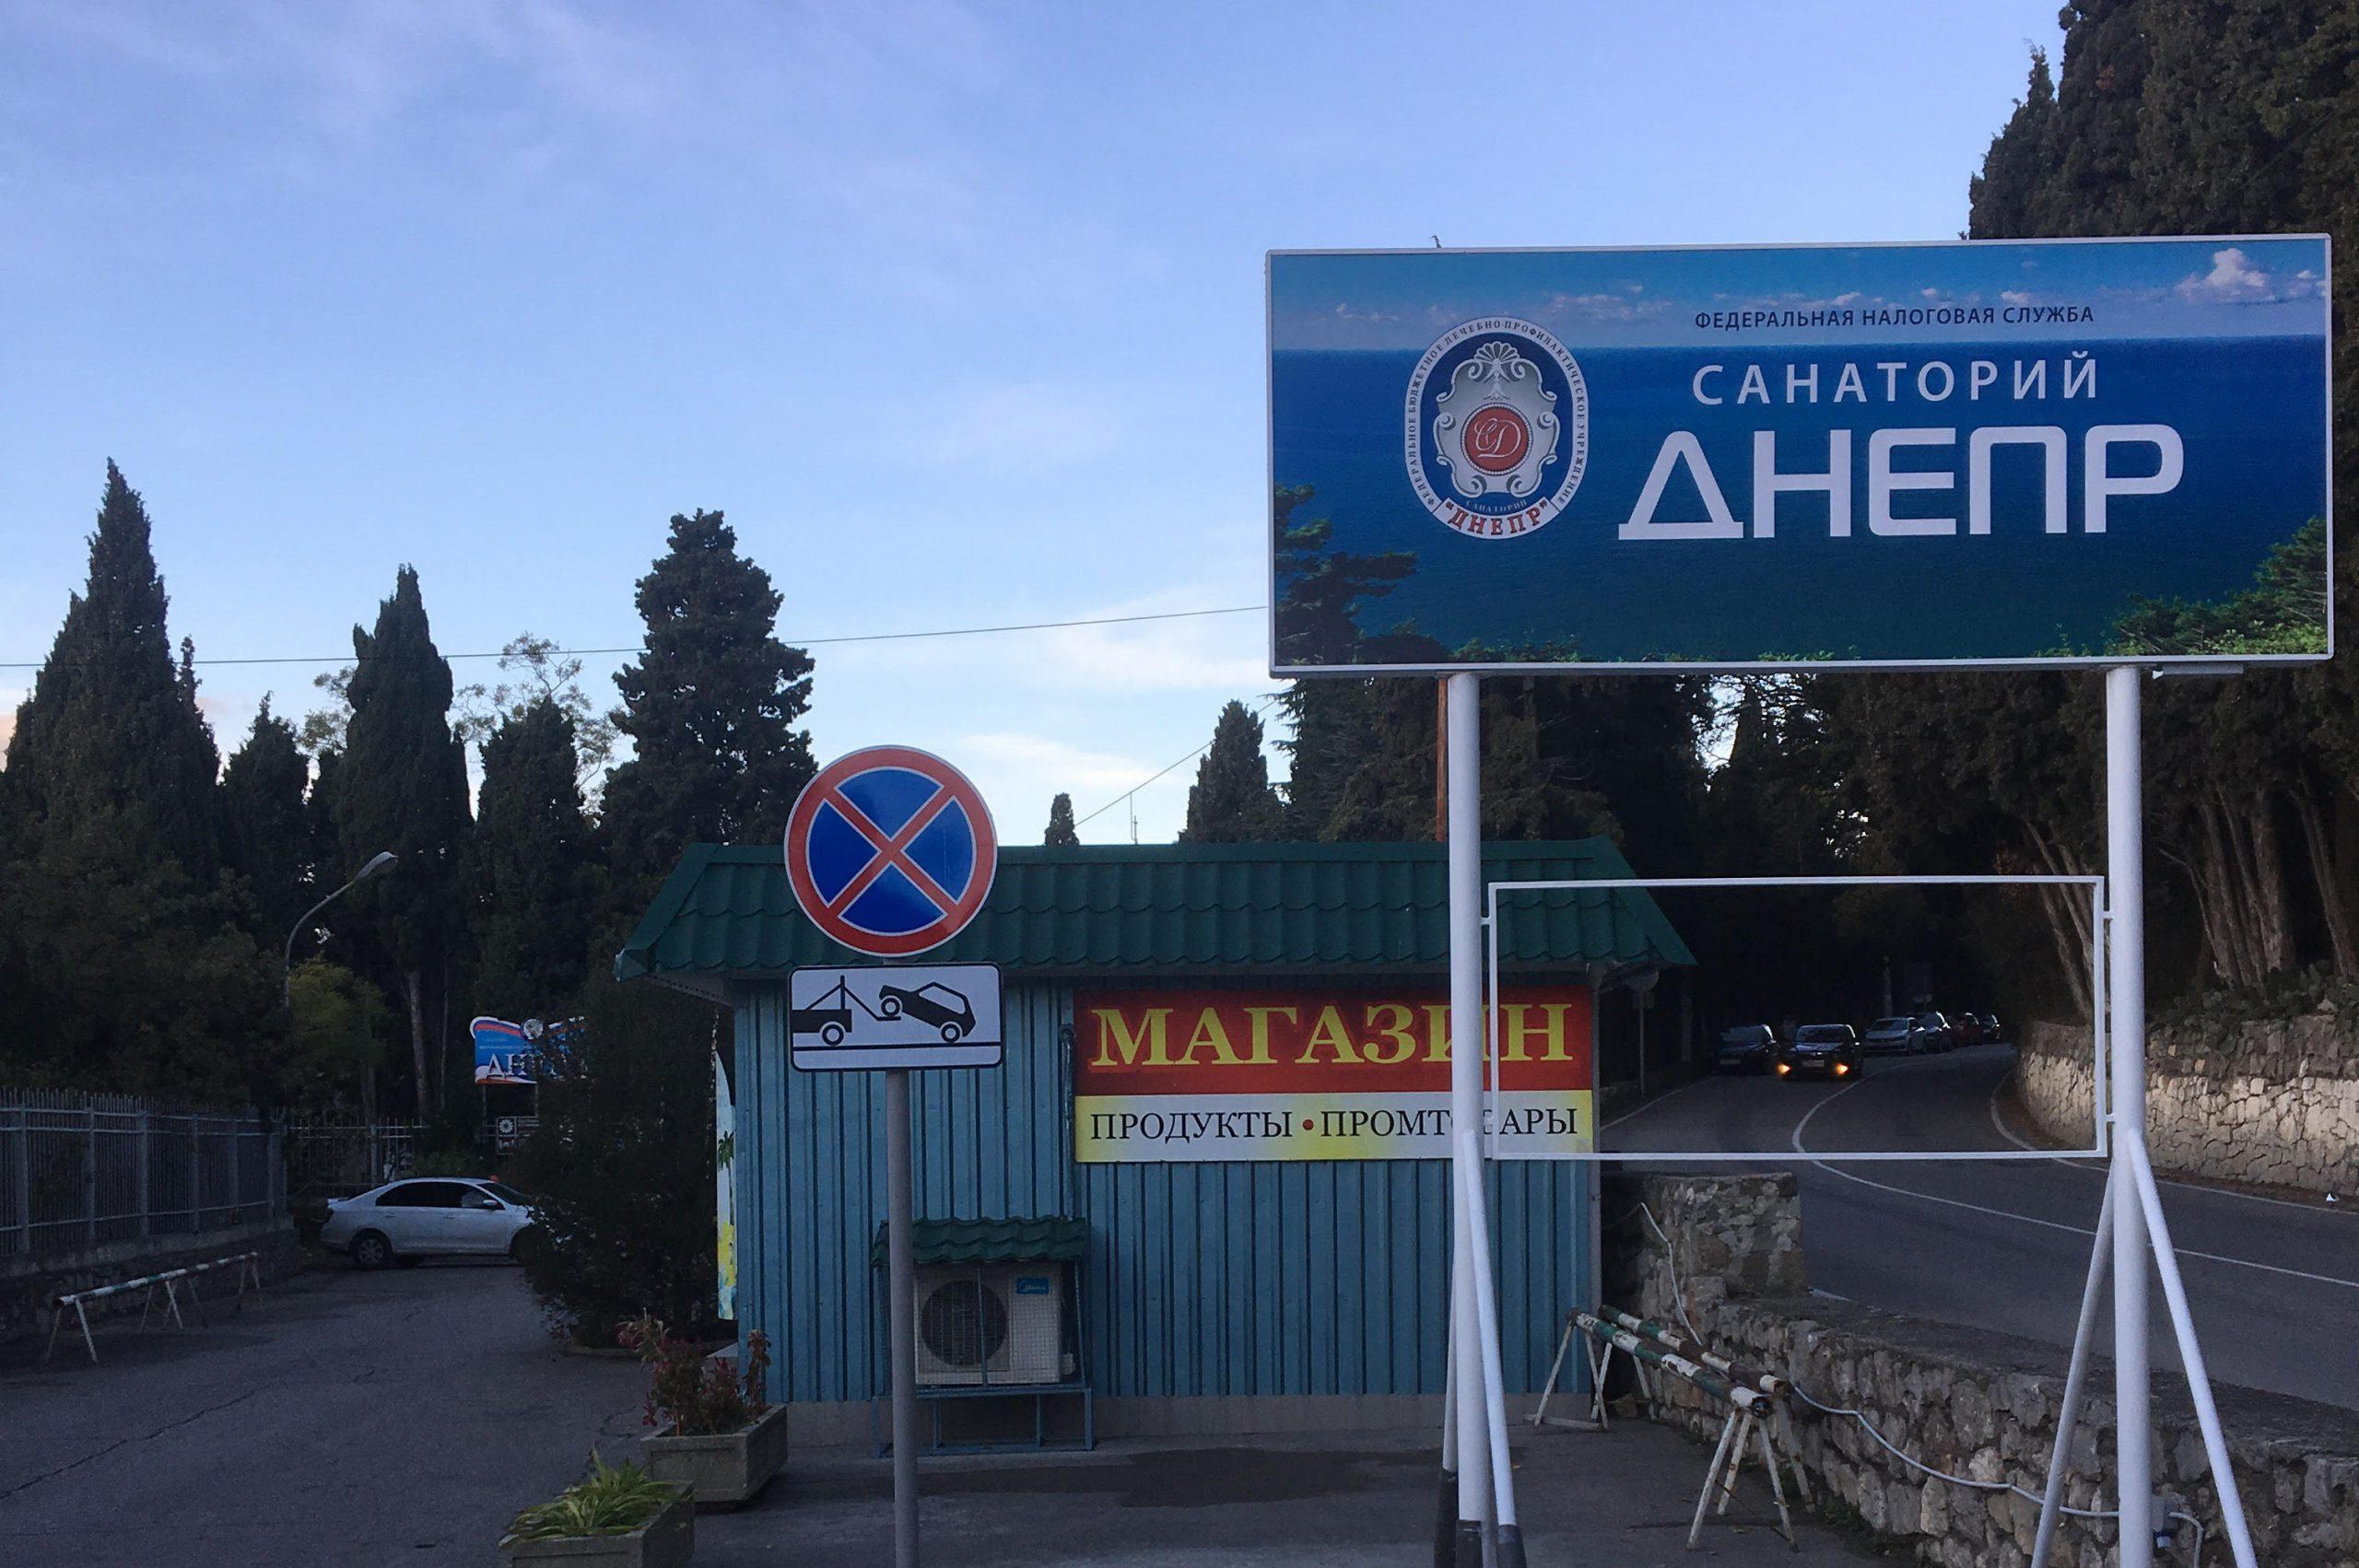 В пгт. Гаспра установлены новые дорожные знаки